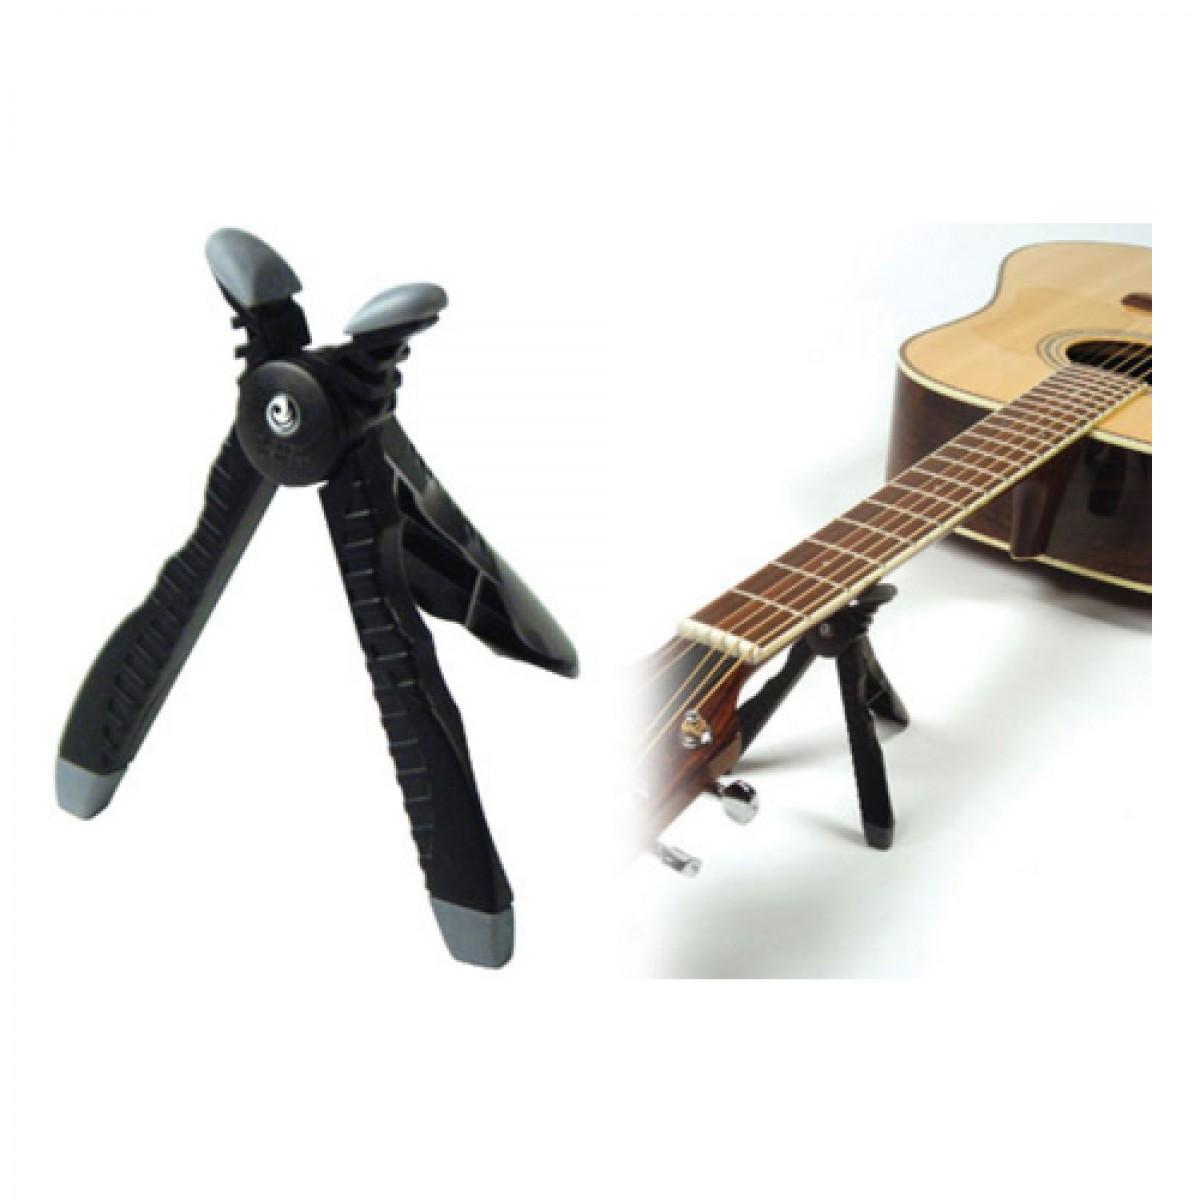 Zubehör für Gitarren